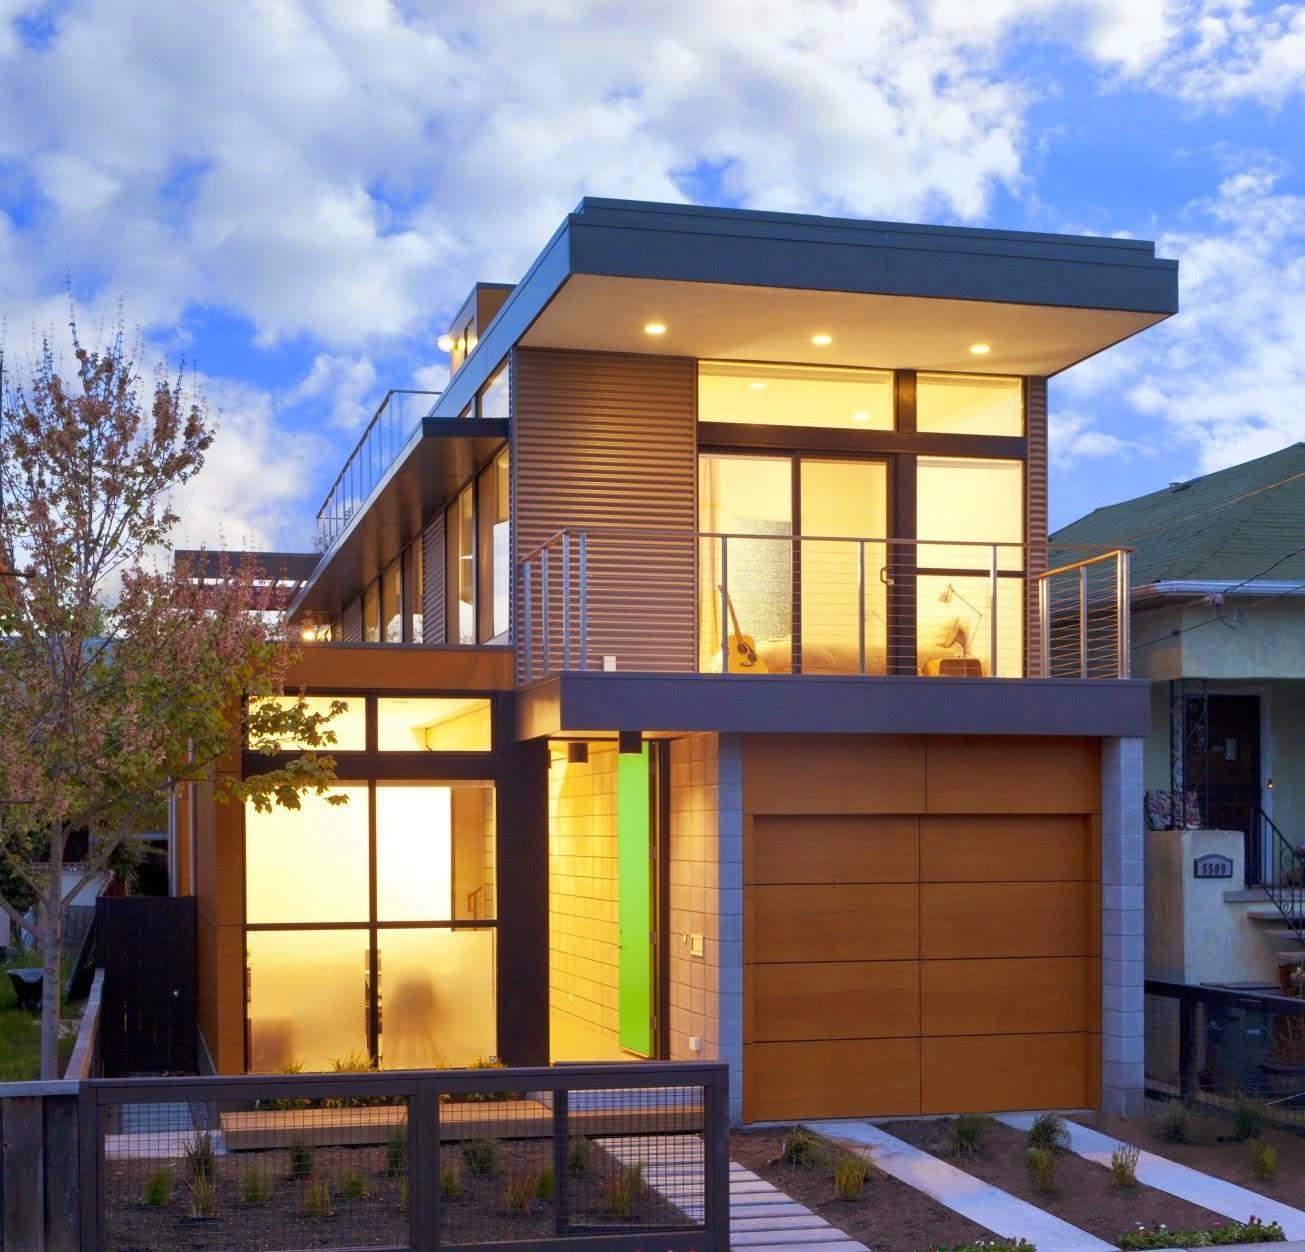 Contoh Desain Rumah Minimalis - 2 Lantai Type 45